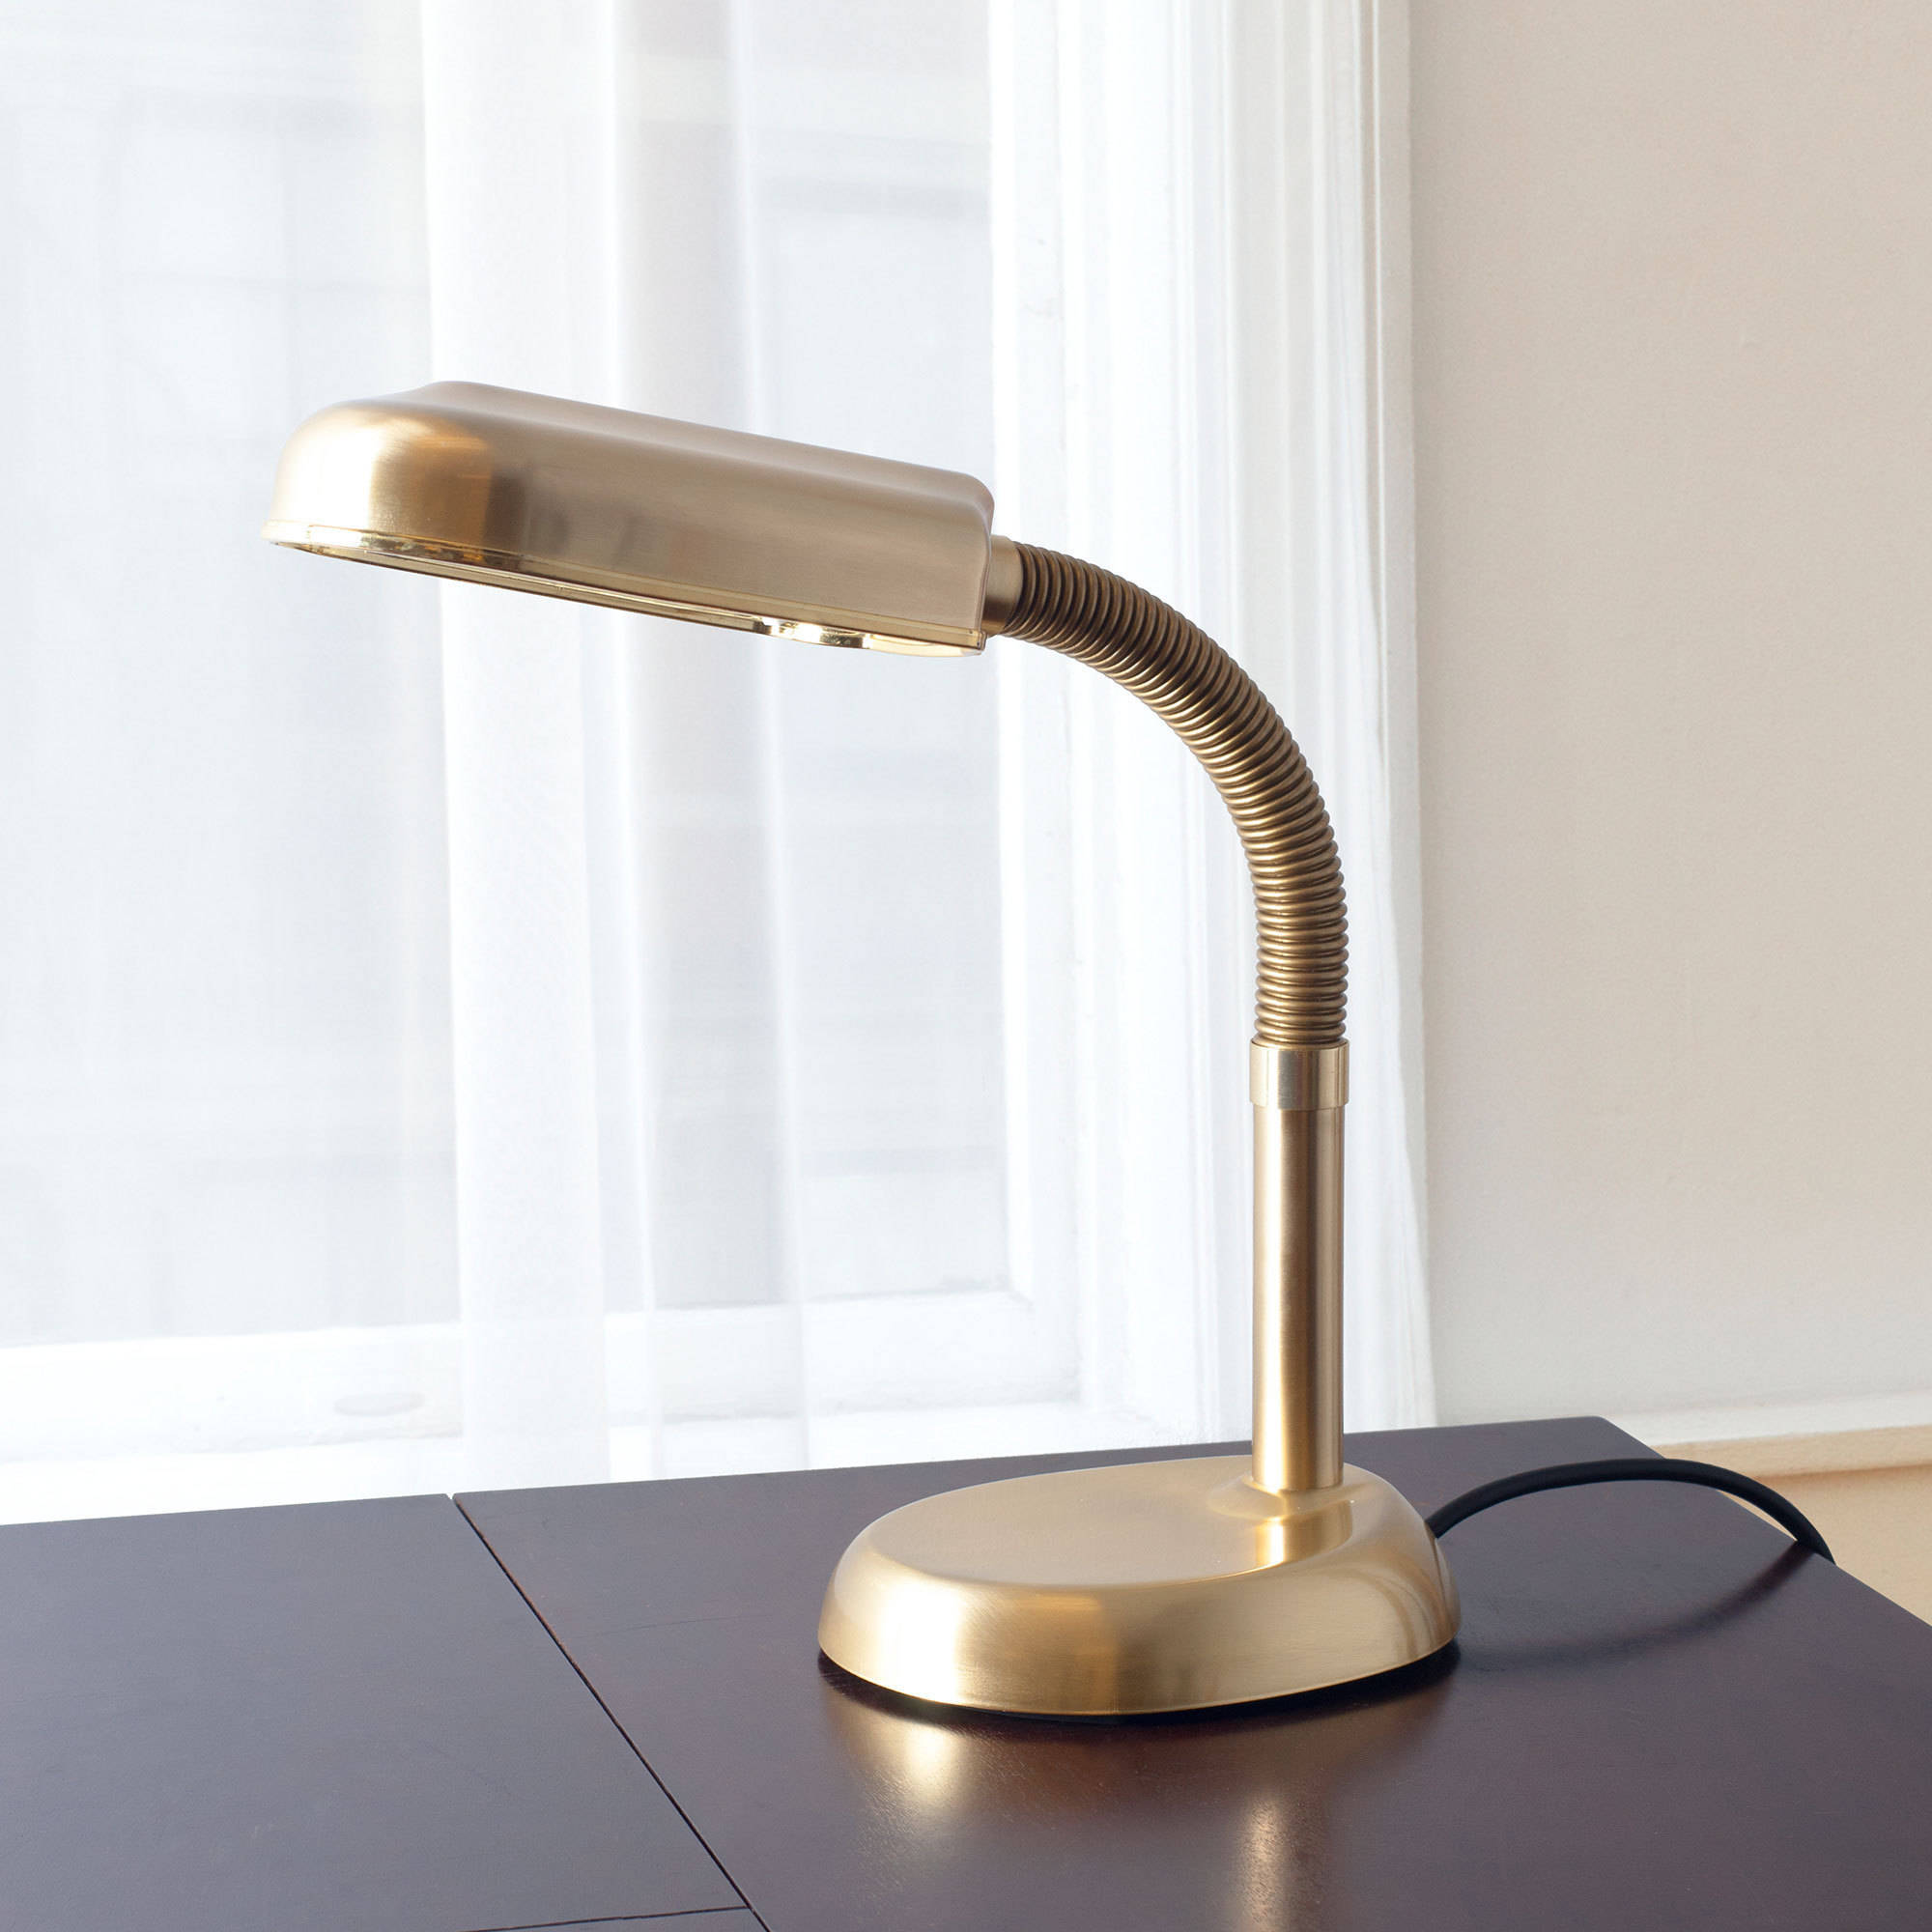 Natural Sunlight Adjustable Gooseneck Desk Lamp by Lavish Home